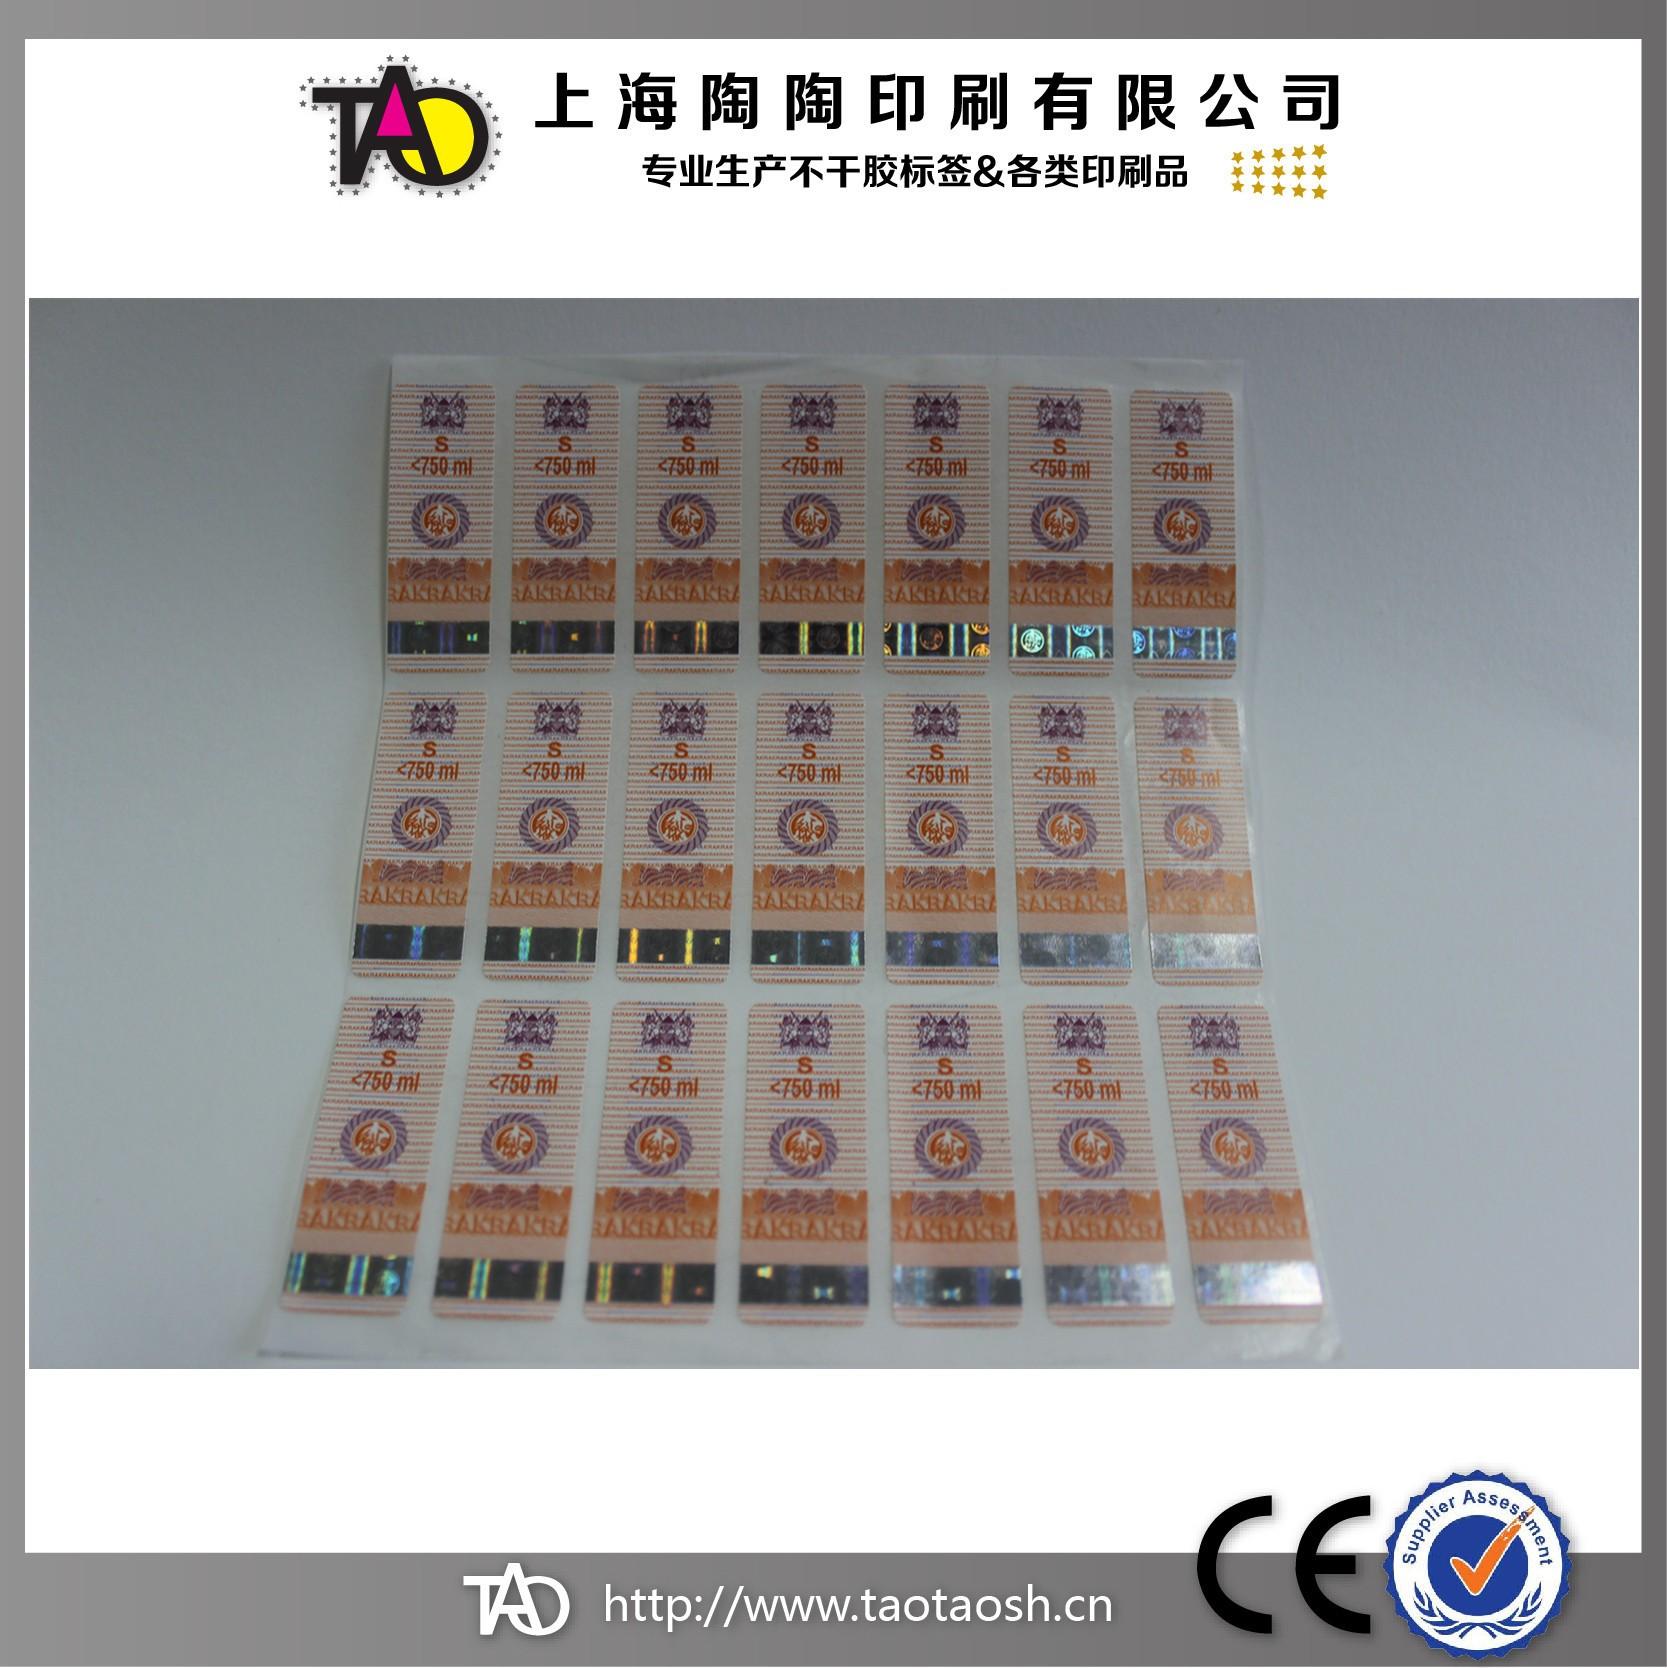 俄罗斯进口酒品不干胶标签专业防伪设备生产 长方形 特殊铜版纸 CKK